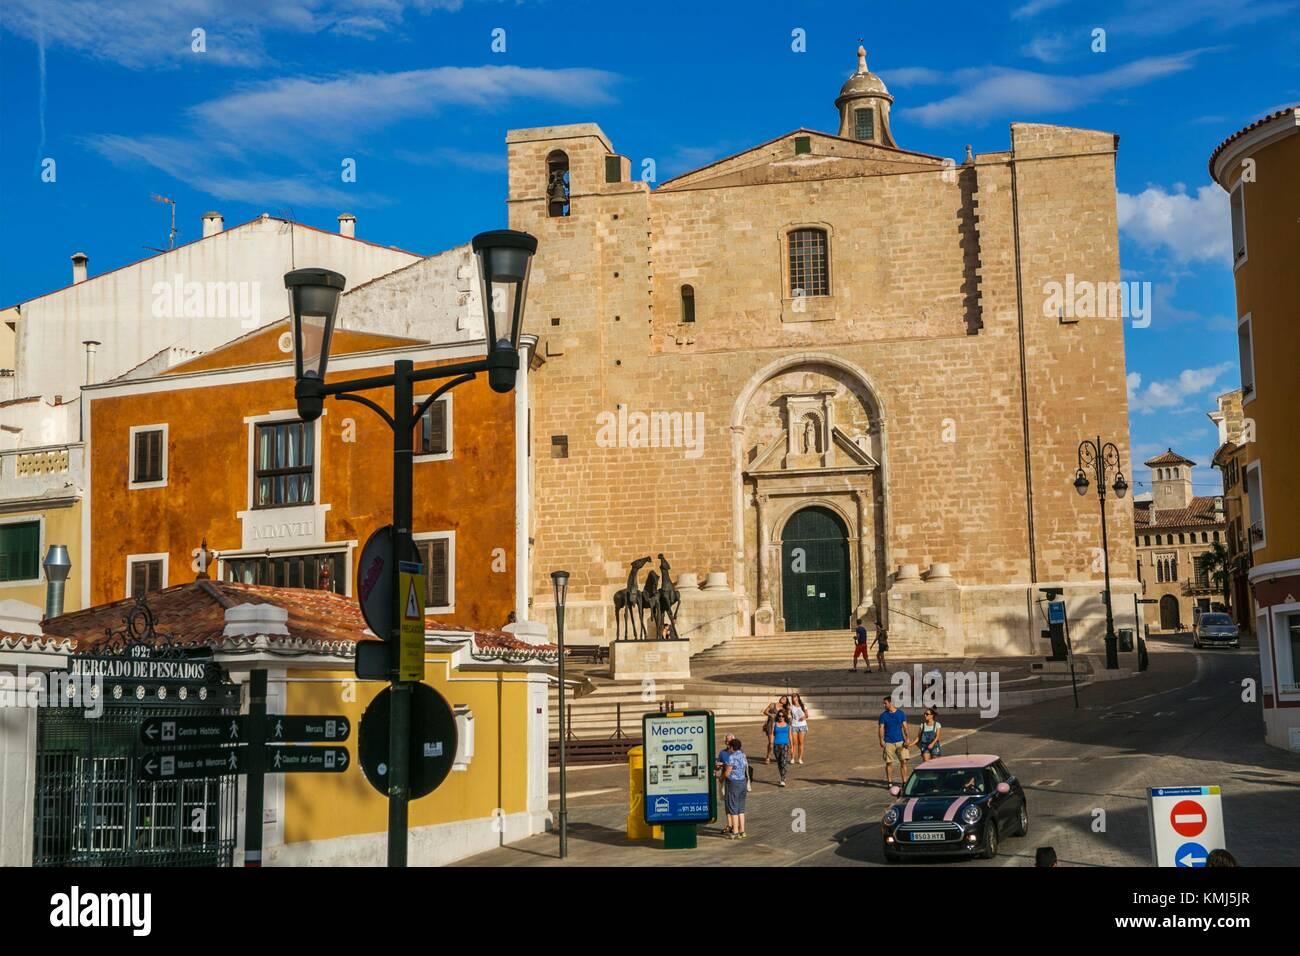 Mare de Deu del Carmen Chiesa. Maó città. Maó comune. Isola di Minorca. Isole Baleari. Spagna Immagini Stock